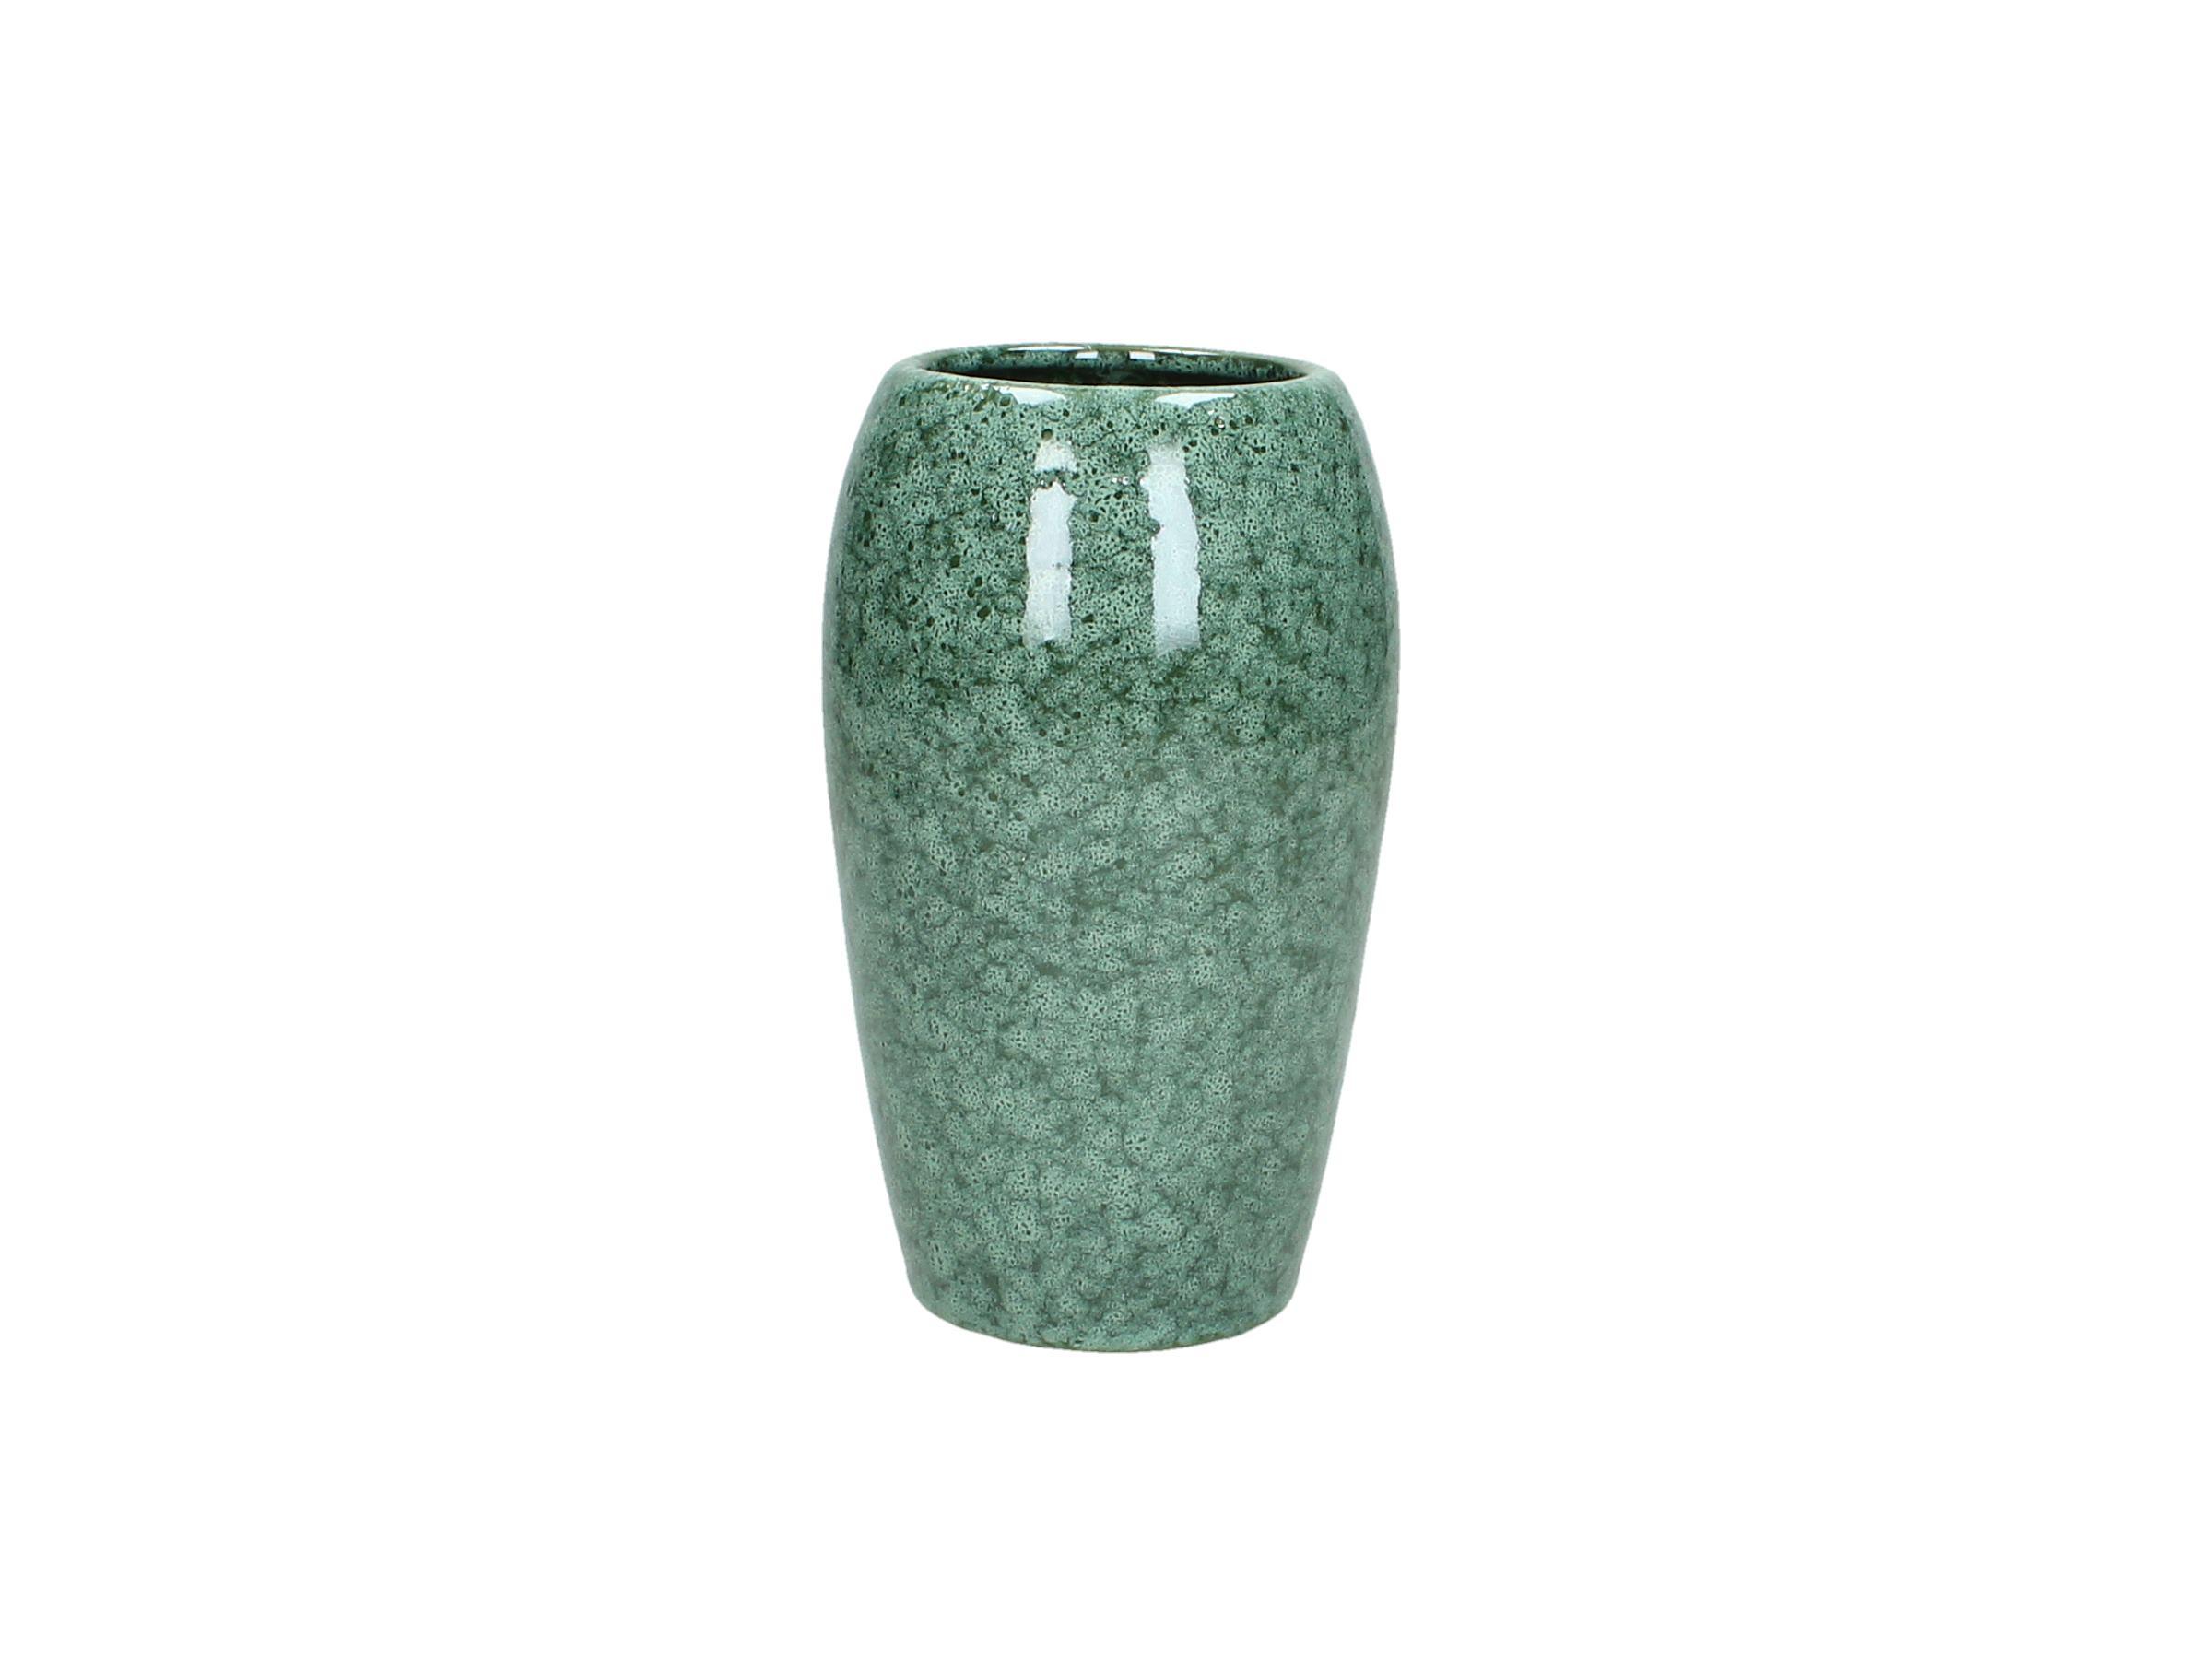 Ваза RICH LINE Home Decor Ваза *Зеленый папоротник*, WER-5963, бирюзовый цена